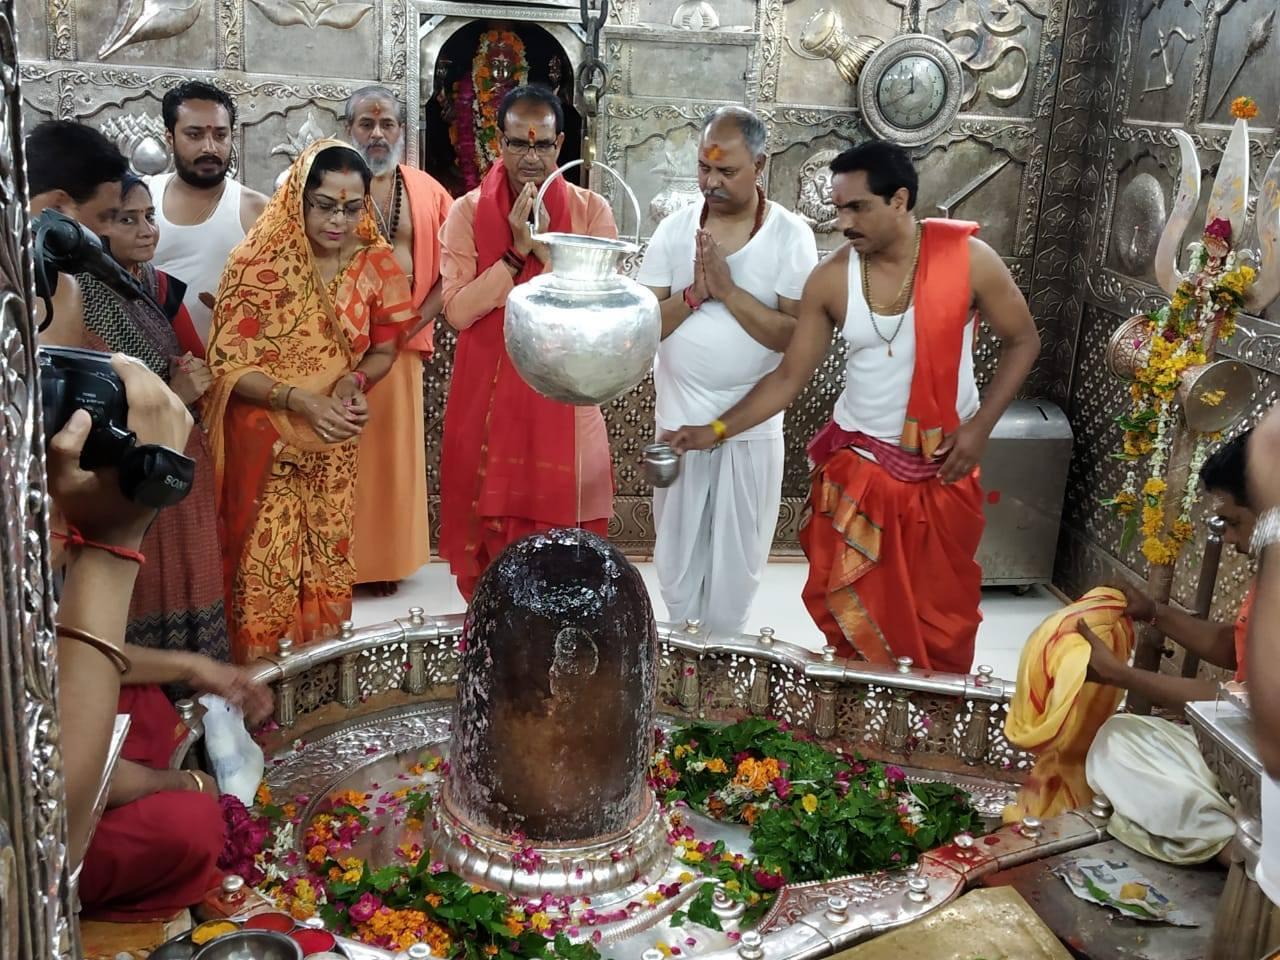 اجین واقع مہاکالیشور مندر میں مدھیہ پردیش کے وزیراعلیٰ شیوراج سنگھ چوہان اپنی بیوی کے ساتھ۔ (فائل فوٹو : فیس بک)